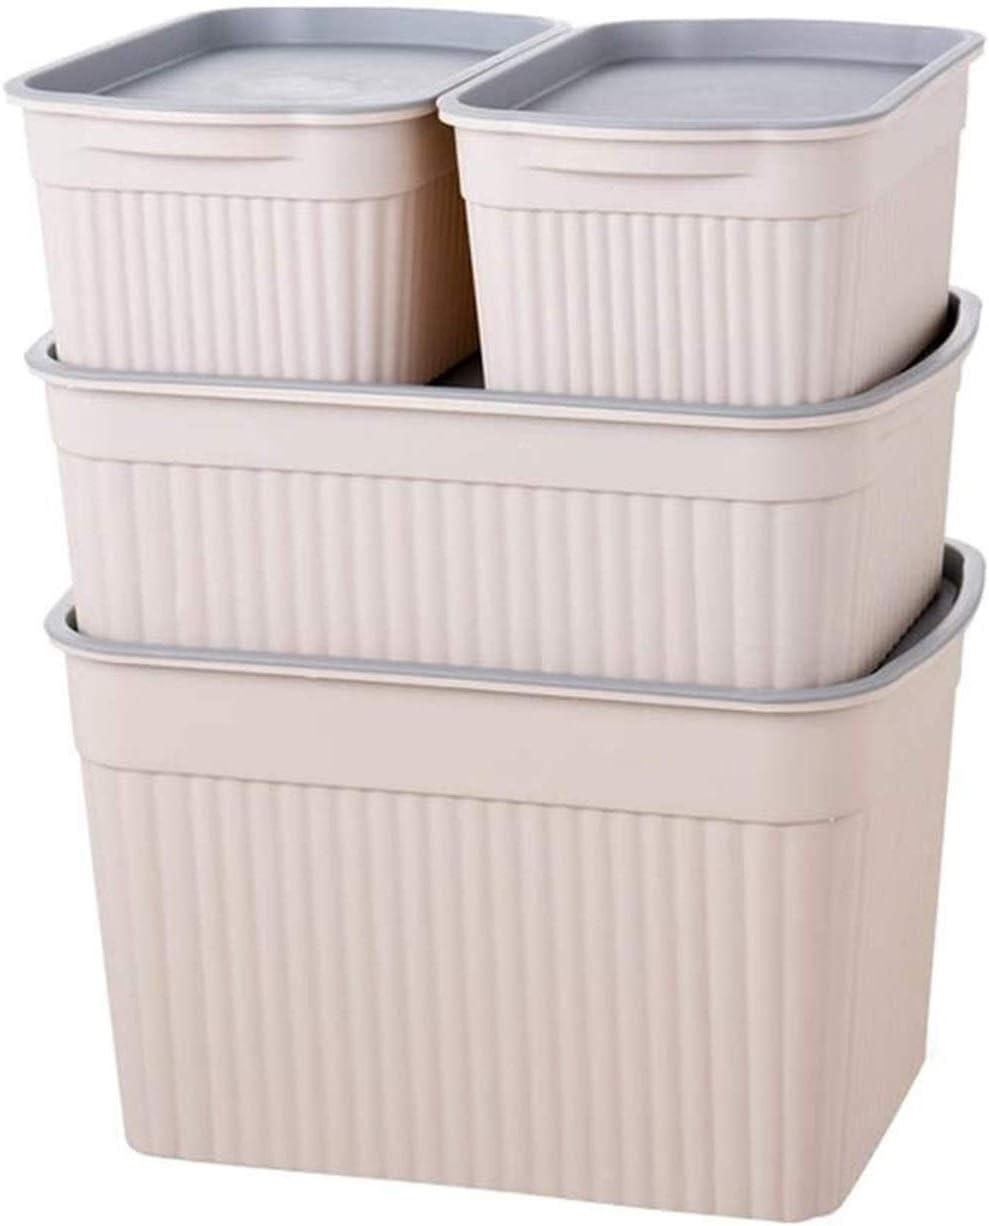 YWAWJ Almacenamiento, caja de plástico con la ropa interior de la cubierta de la caja de almacenamiento de la ropa del edredón de almacenaje de la ropa caja de plástico caja de